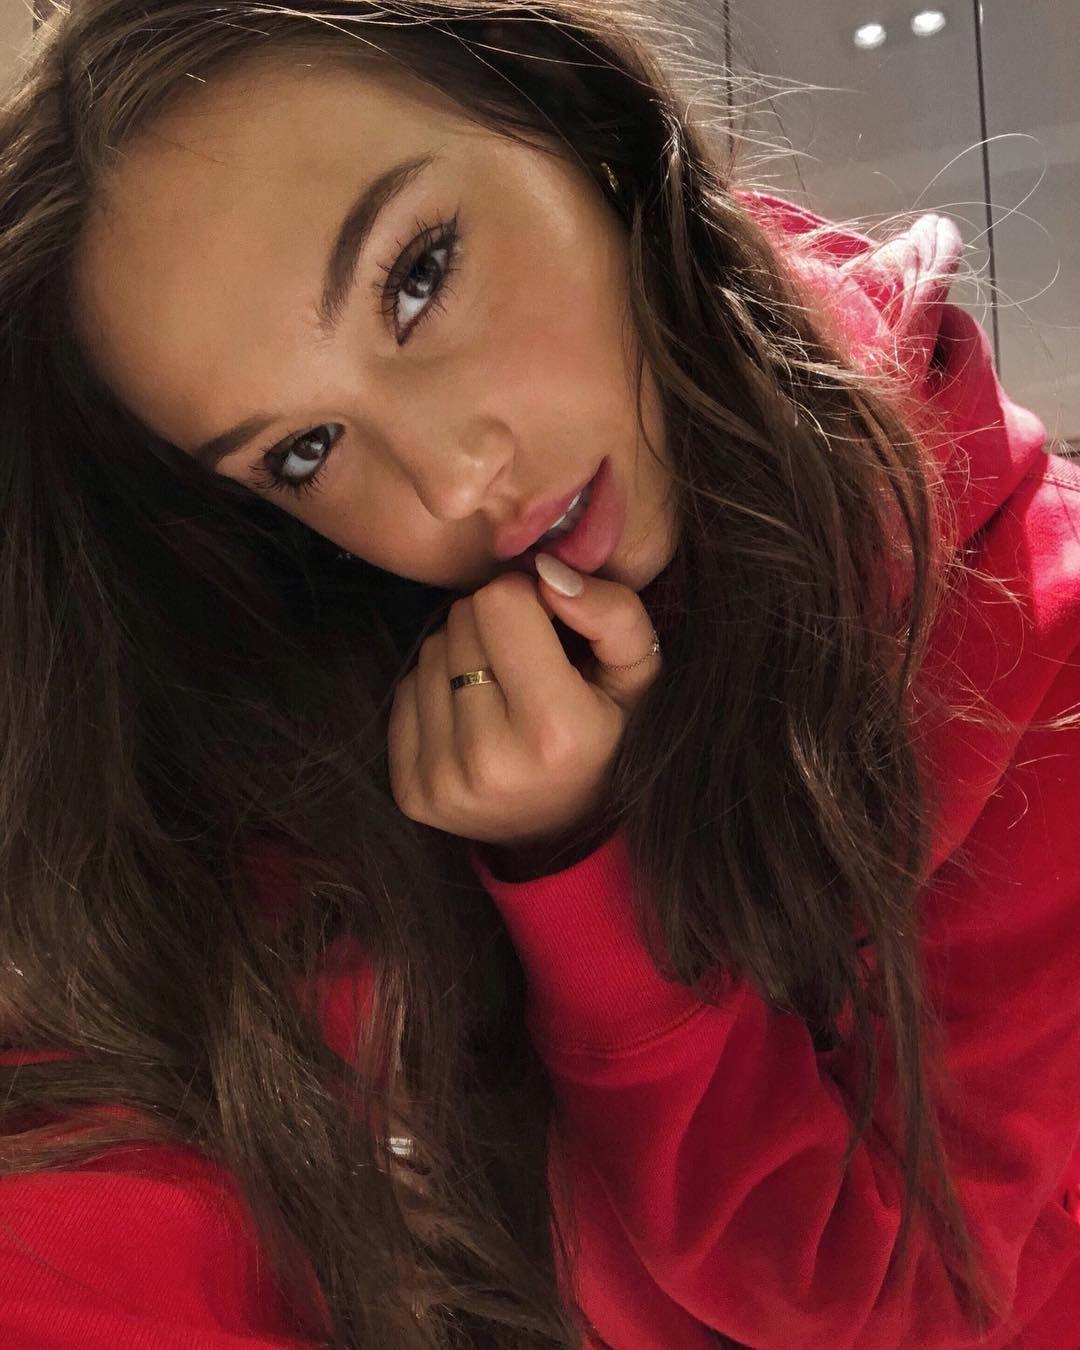 Selfie Alexis Ren nude photos 2019